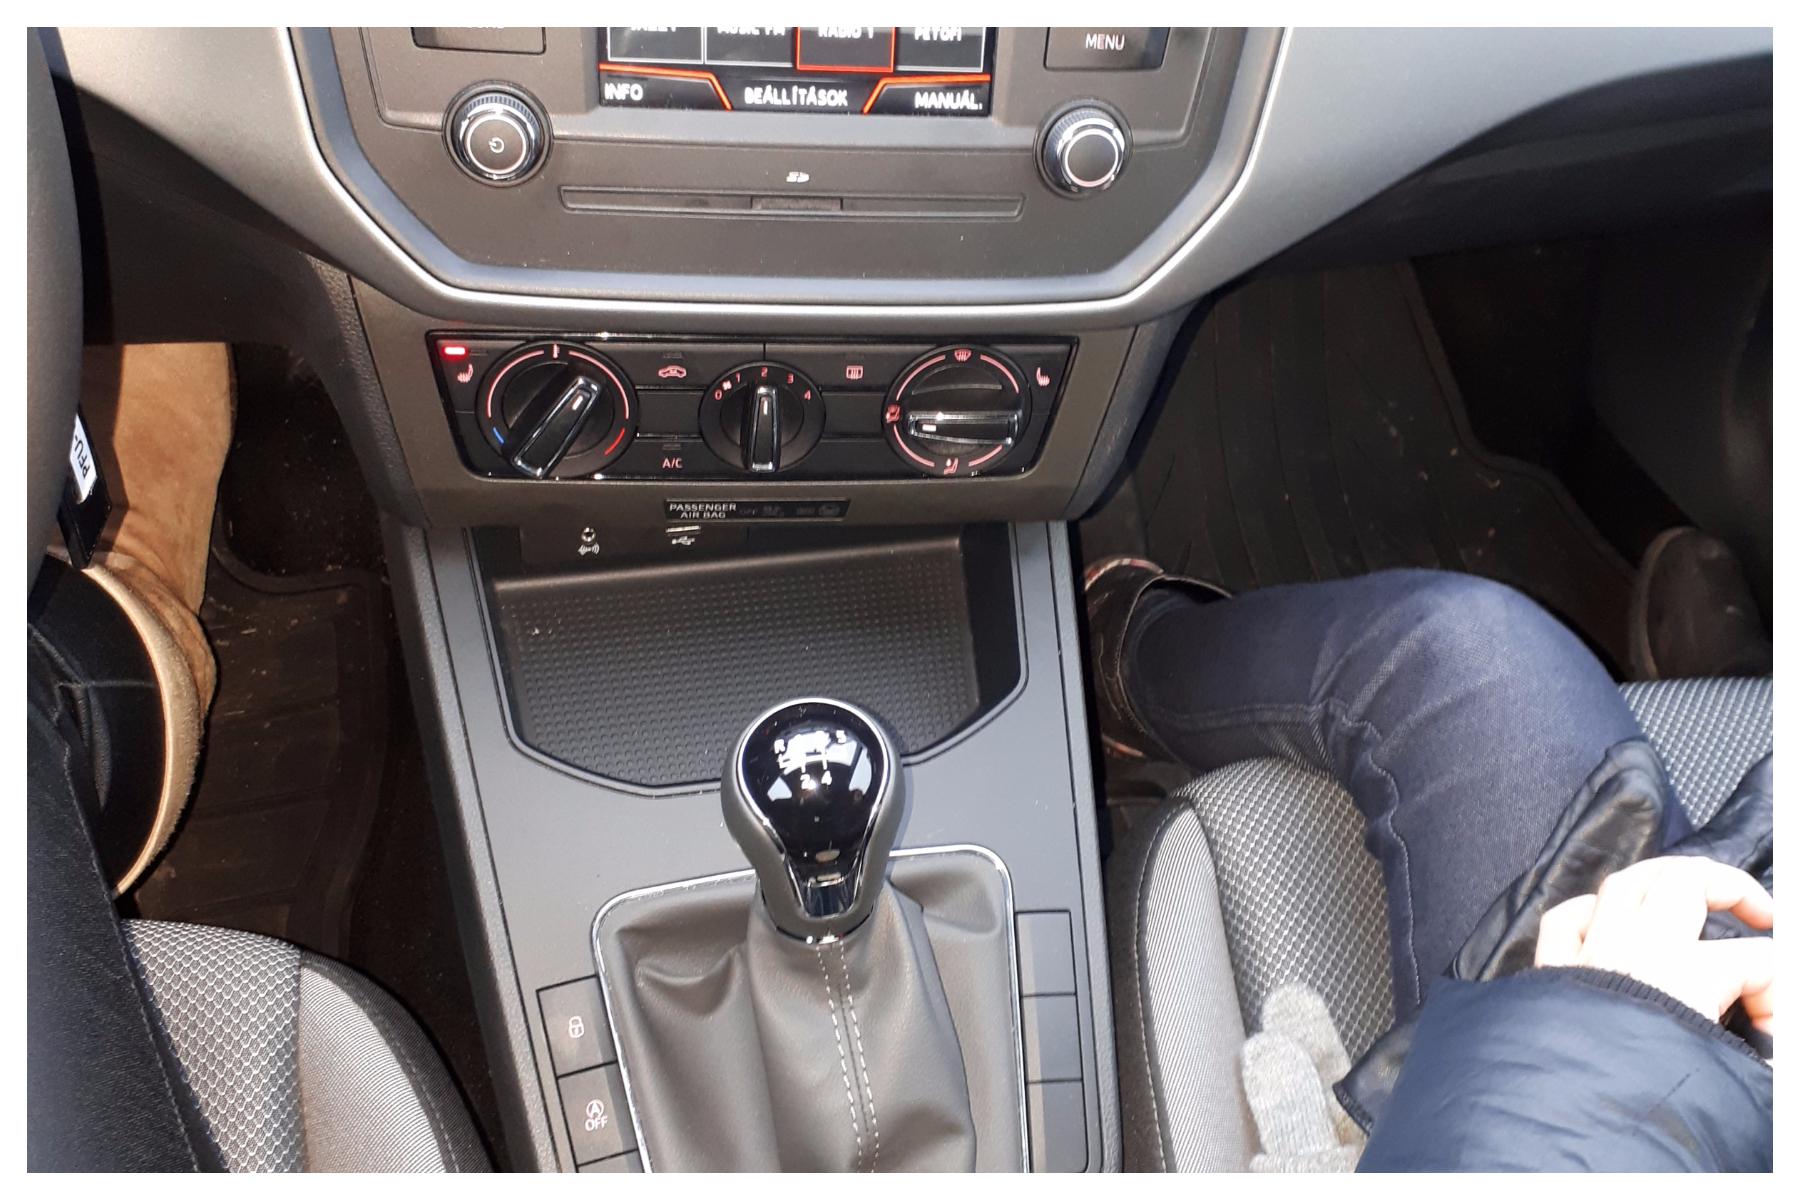 A belső dizájn és a műszerfal nekem elég minimalista stílust képvisel, főleg a határozott vonalvezetések miatt, első ránézésre nem nyerte el a tetszésemet, de kárpótolt a látványban a kocsi tágas utastere kényelmesen kialakított  szép ülései és a hangulatvilágítása, mert  a belső világítása az autónak lehetővé teszi, hogy az első lábtér vagy a kesztyűtartó is egy gombnyomásra LED hangulatvilágítást kapjon. <br />Elmondhatom, hogy  nem csak nekem, mint vezetőnek volt minden szempontból kényelmes az autó, de az utasaimnak is.